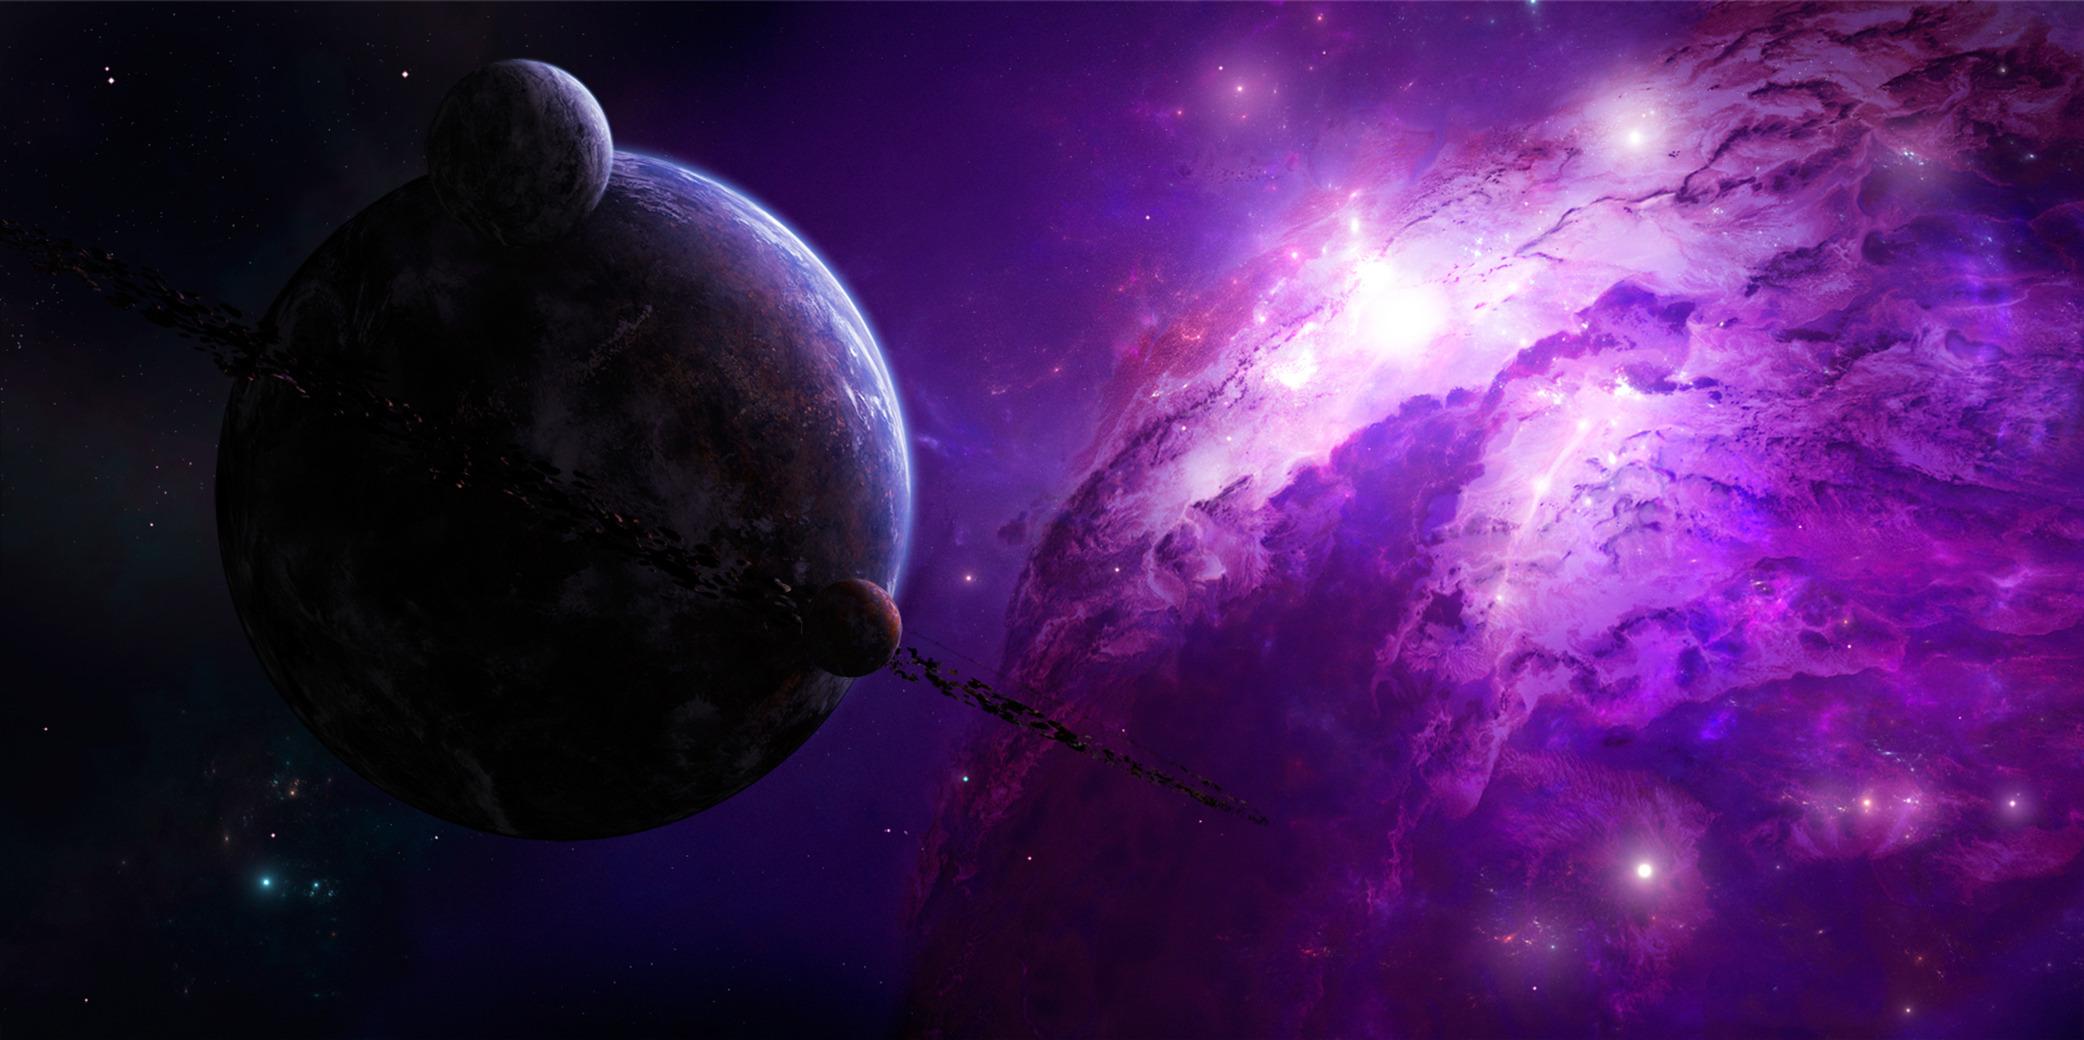 Обои планеты картинки на рабочий стол на тему Космос - скачать бесплатно